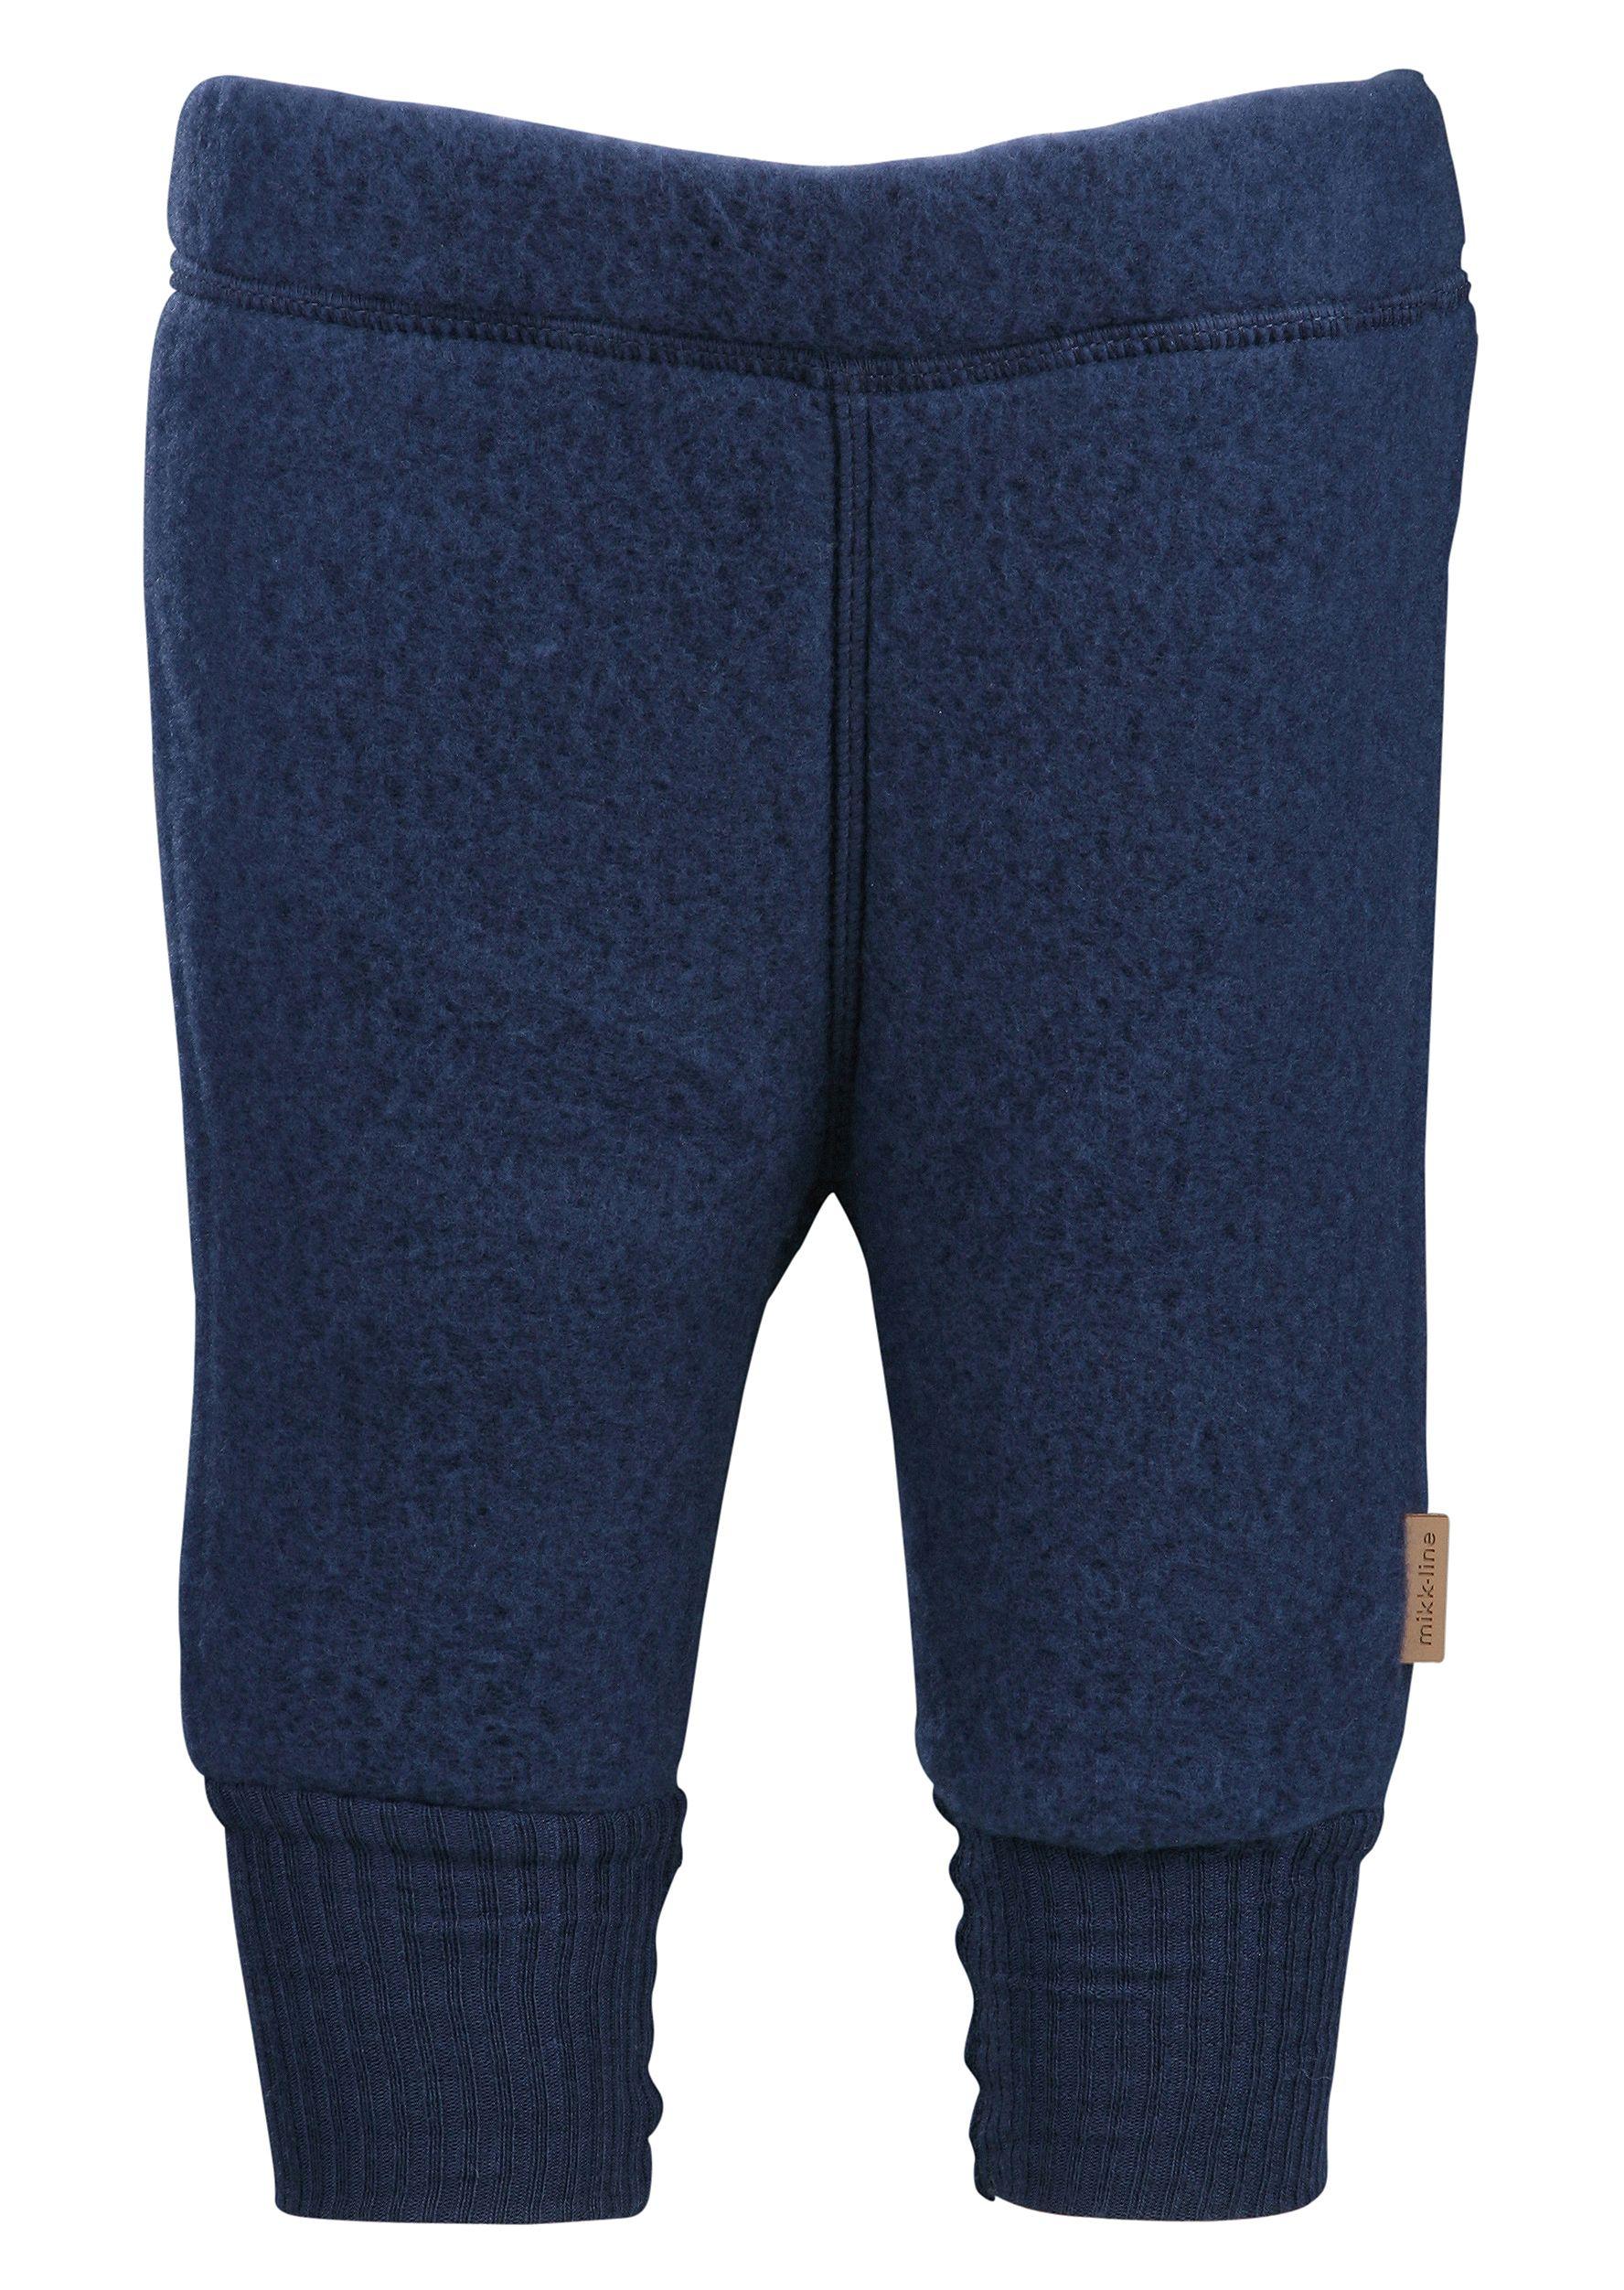 Billede af Uldbukser fra Mikk-Line - Mørkeblå